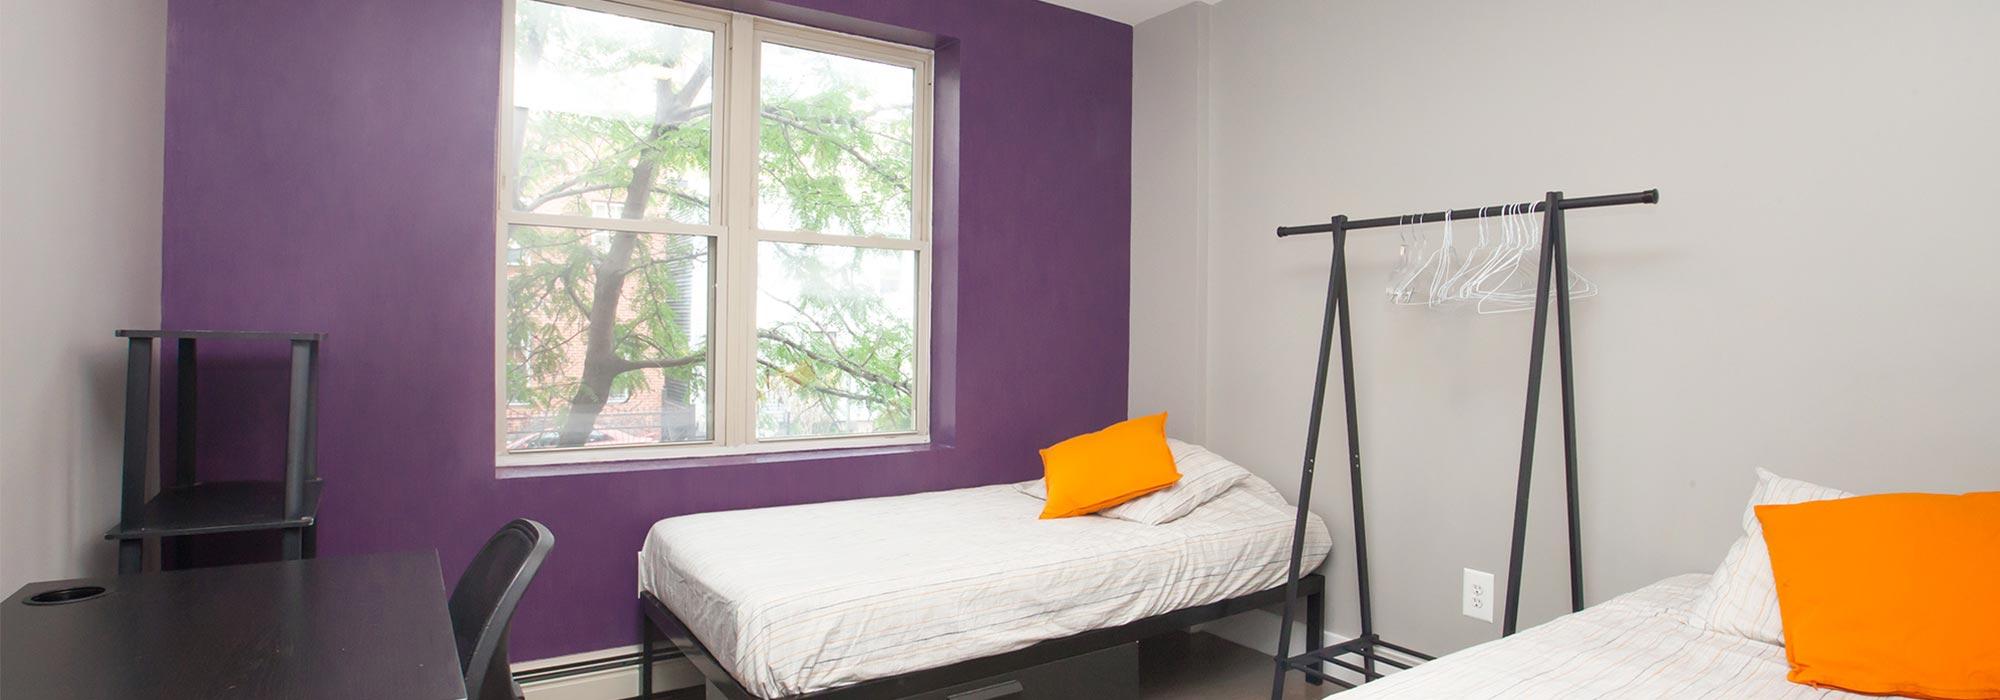 96 Suydam St., Bushwick – Twin Room 2